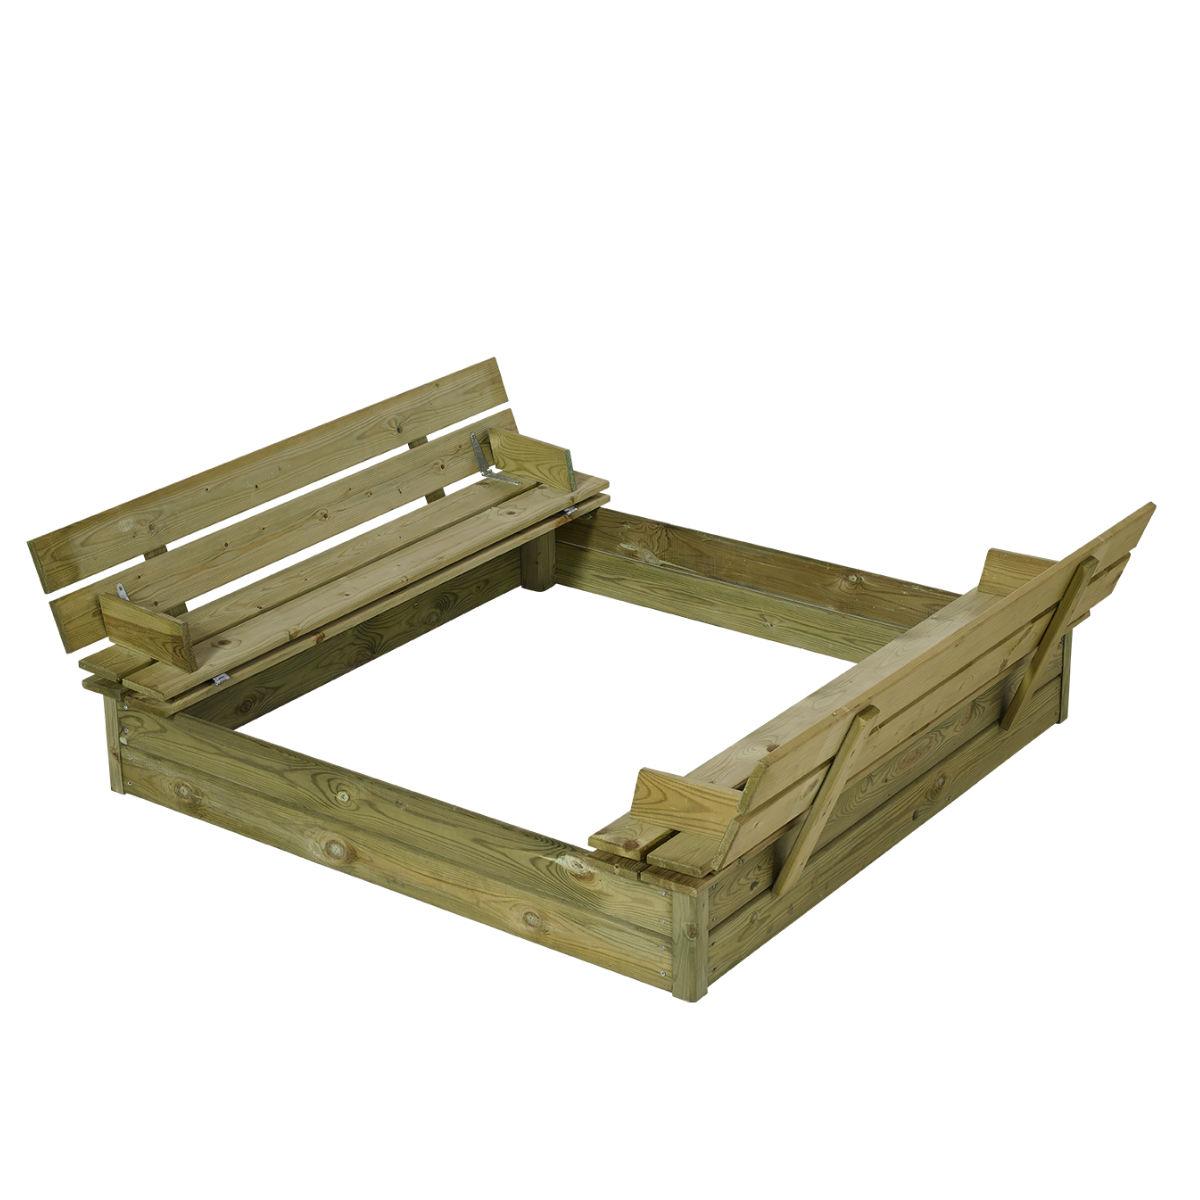 Sandlådor | Sandlåda 120 med bänk och lock